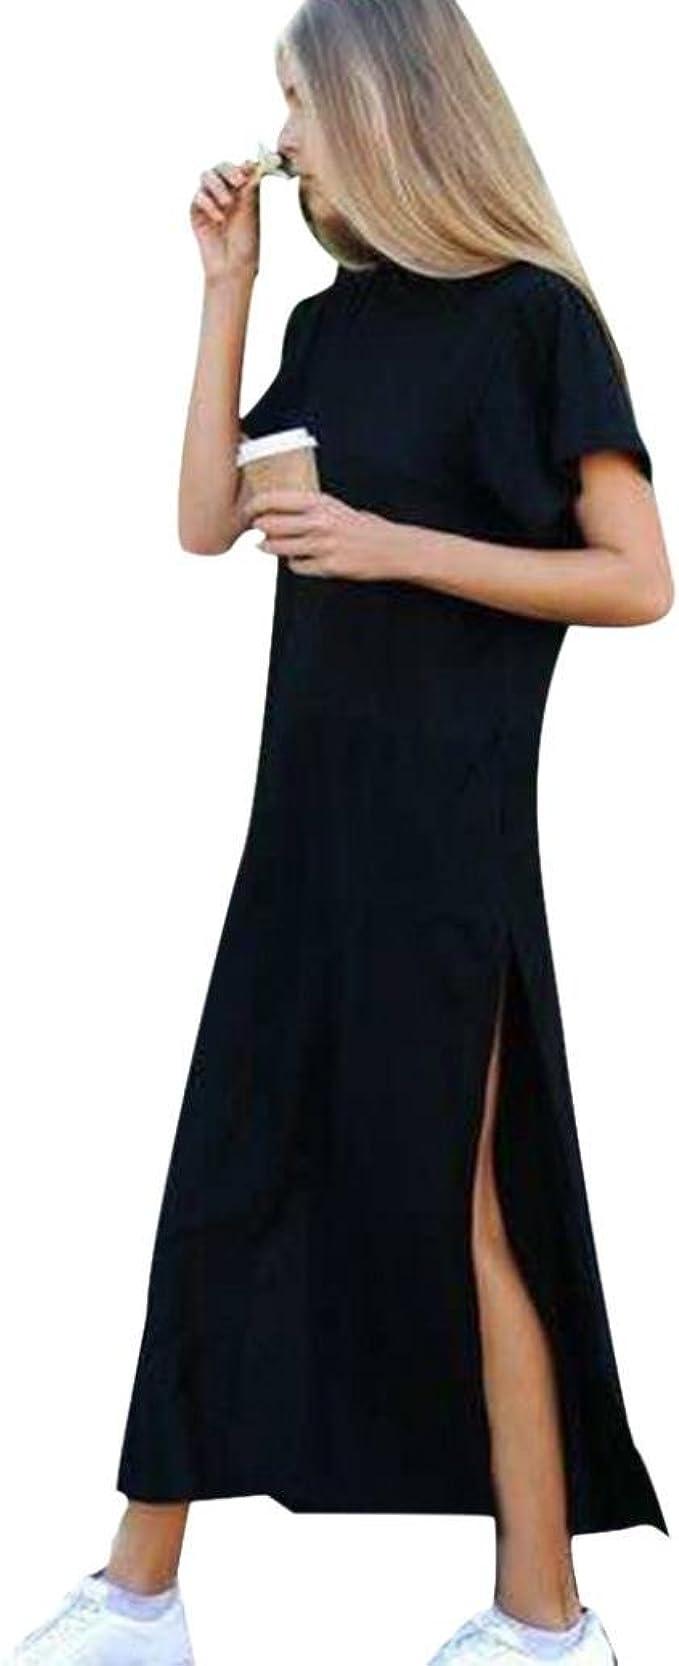 Bekleidung Longra Damen Sommer Baumwolle Kleid Seite hohe Schlitz Schwarze  Kurze Ärmel Kleid T-Shirt-Kleider